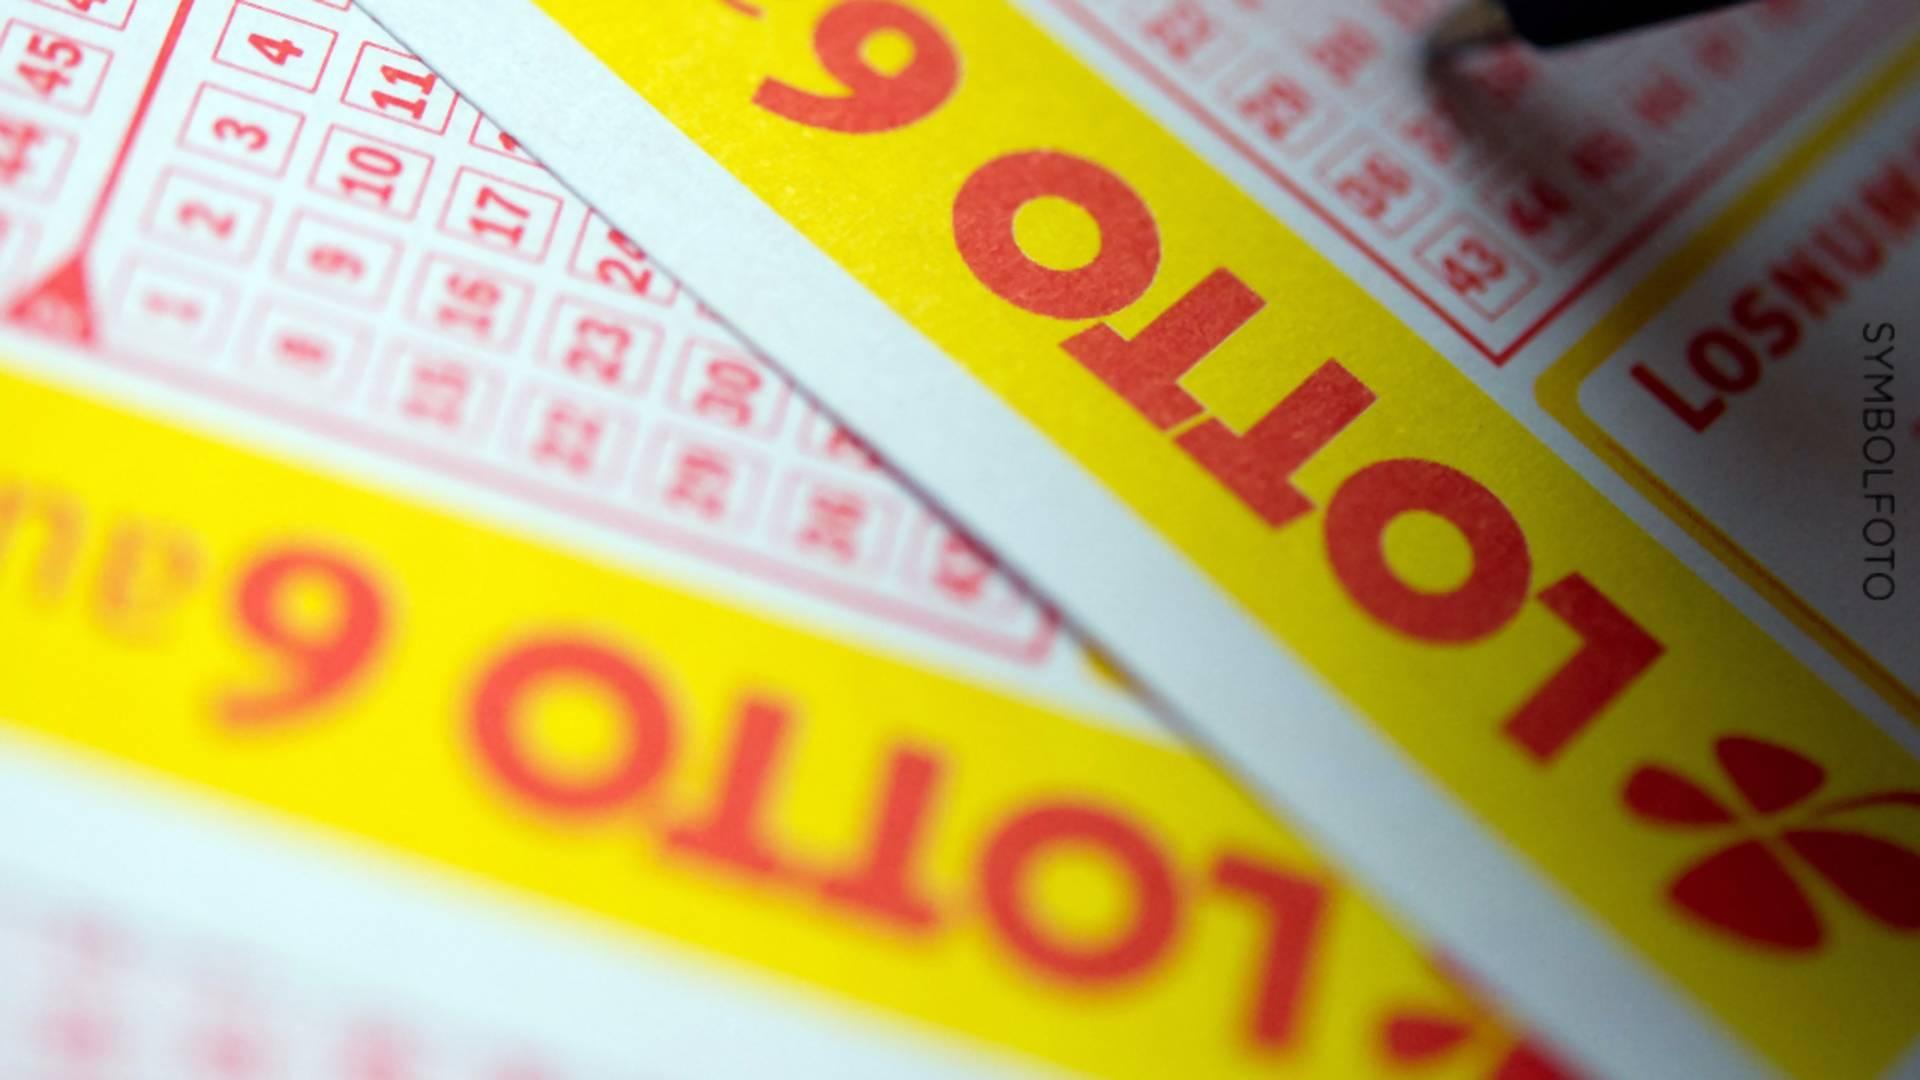 Lotto Gewinner Gesucht